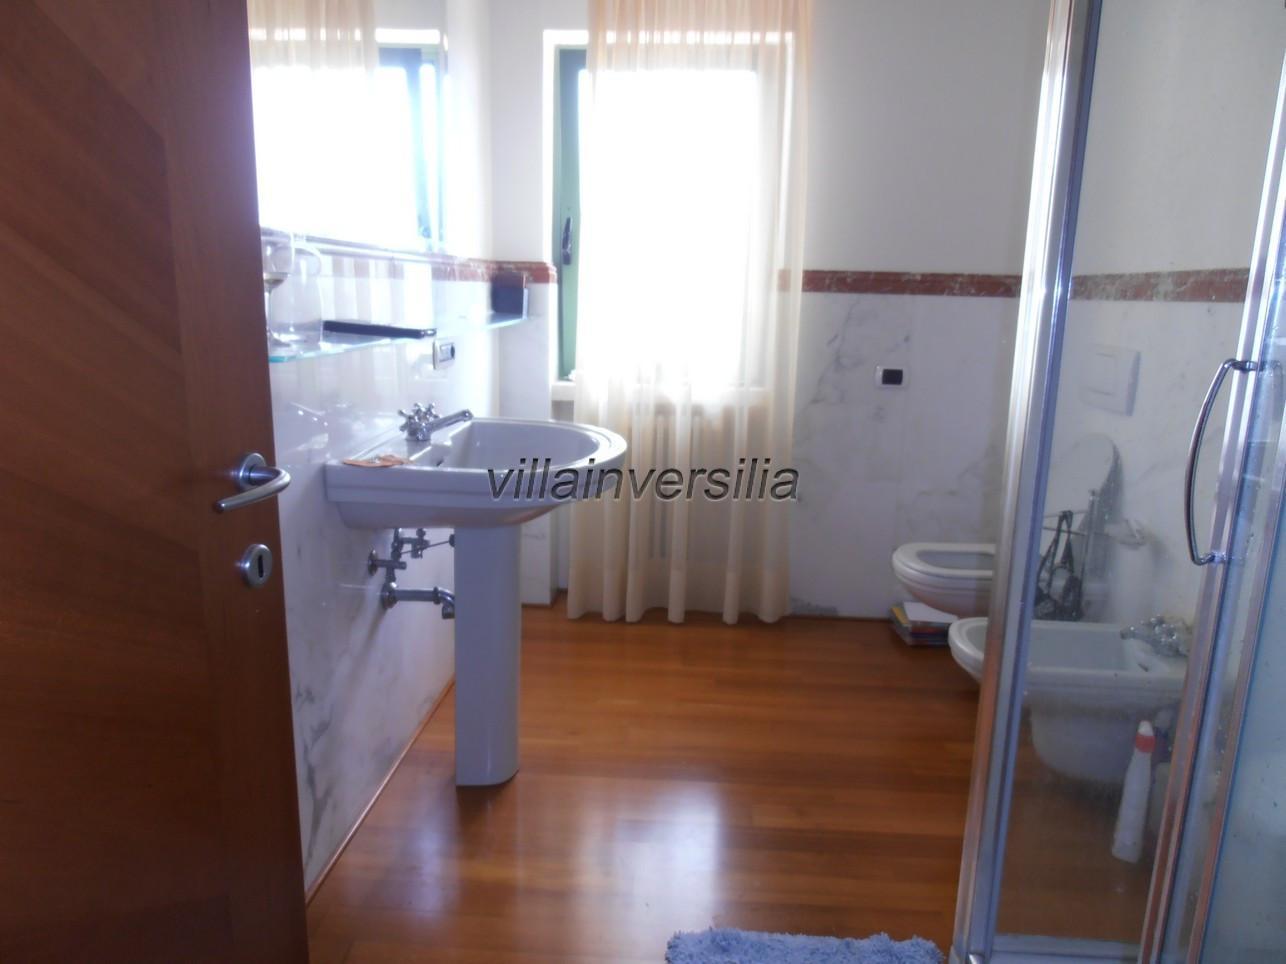 Foto 19/21 per rif. V 322021 villa piscina Versilia